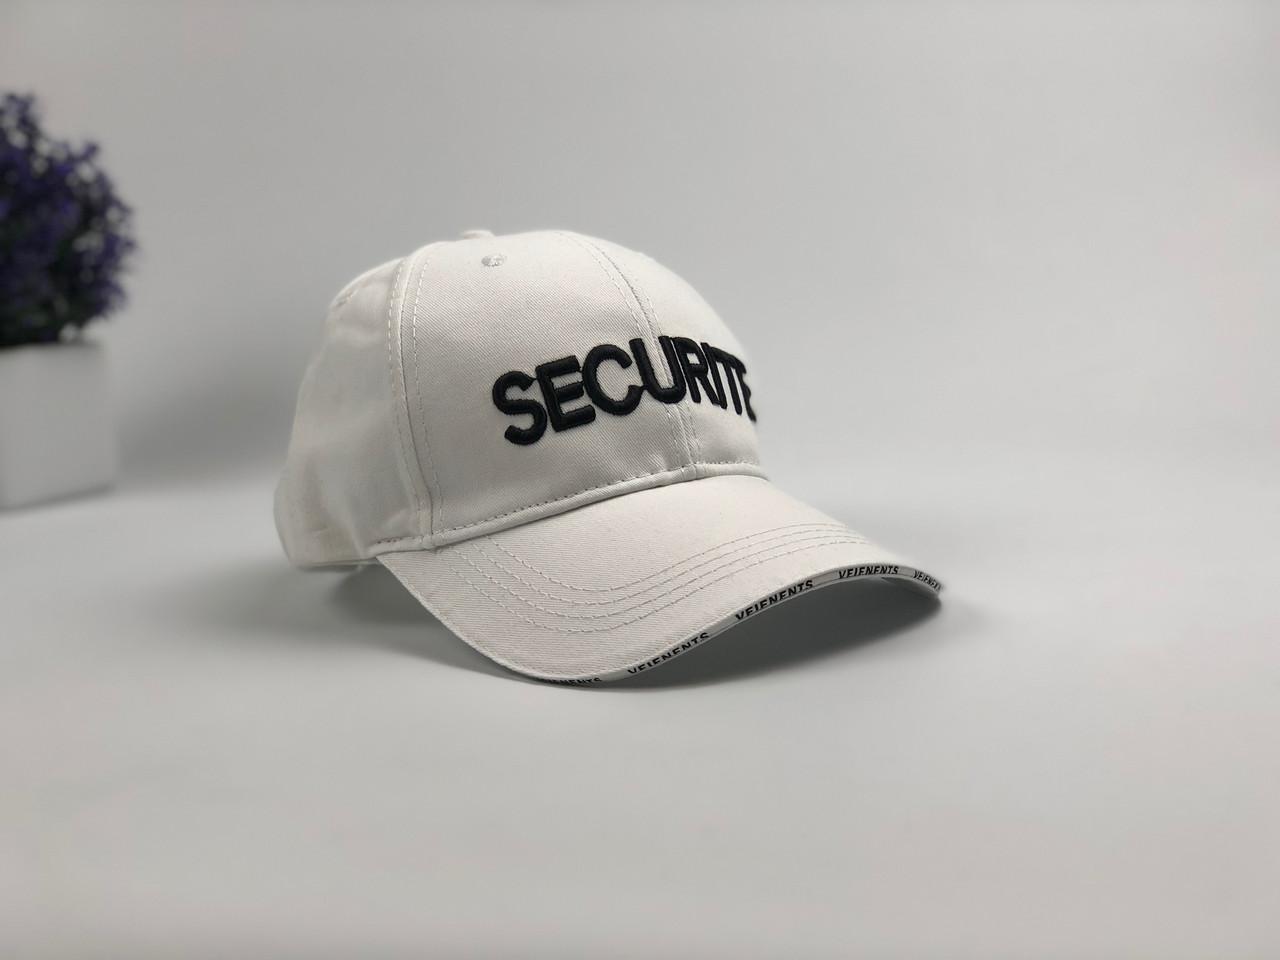 Кепка Бейсболка Мужская Женская Vetements с надписью Securite Белая